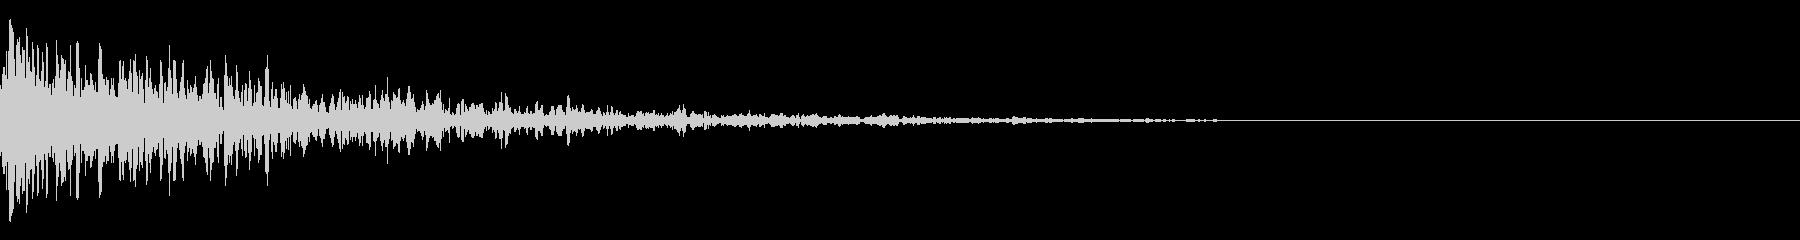 ドーン-08-1(インパクト音)の未再生の波形